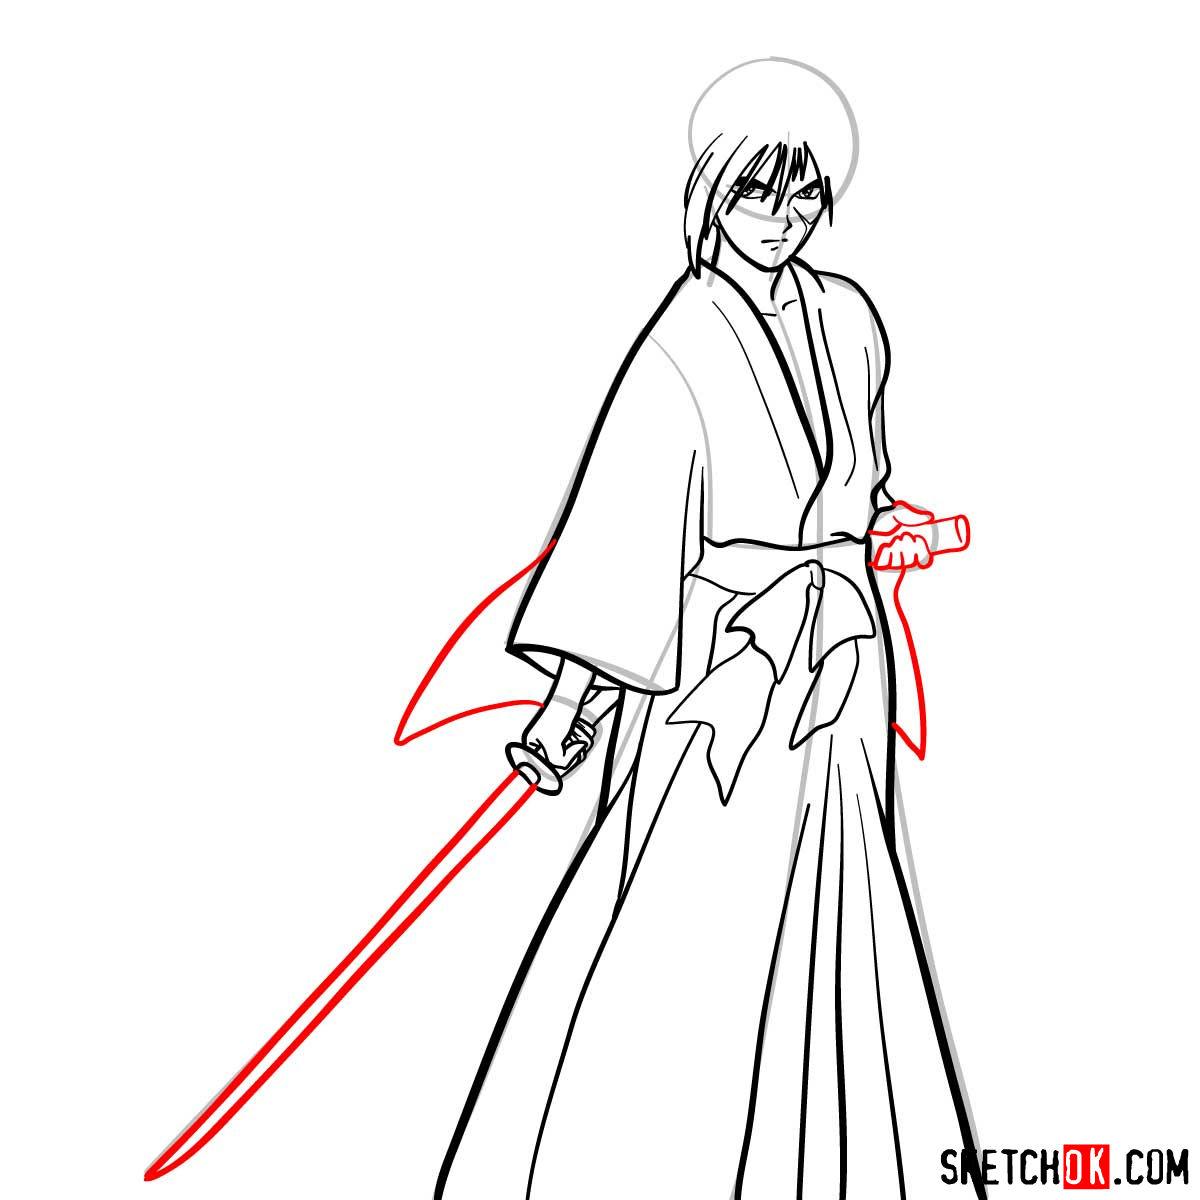 How to draw Himura Kenshin   Rurouni Kenshin - step 10